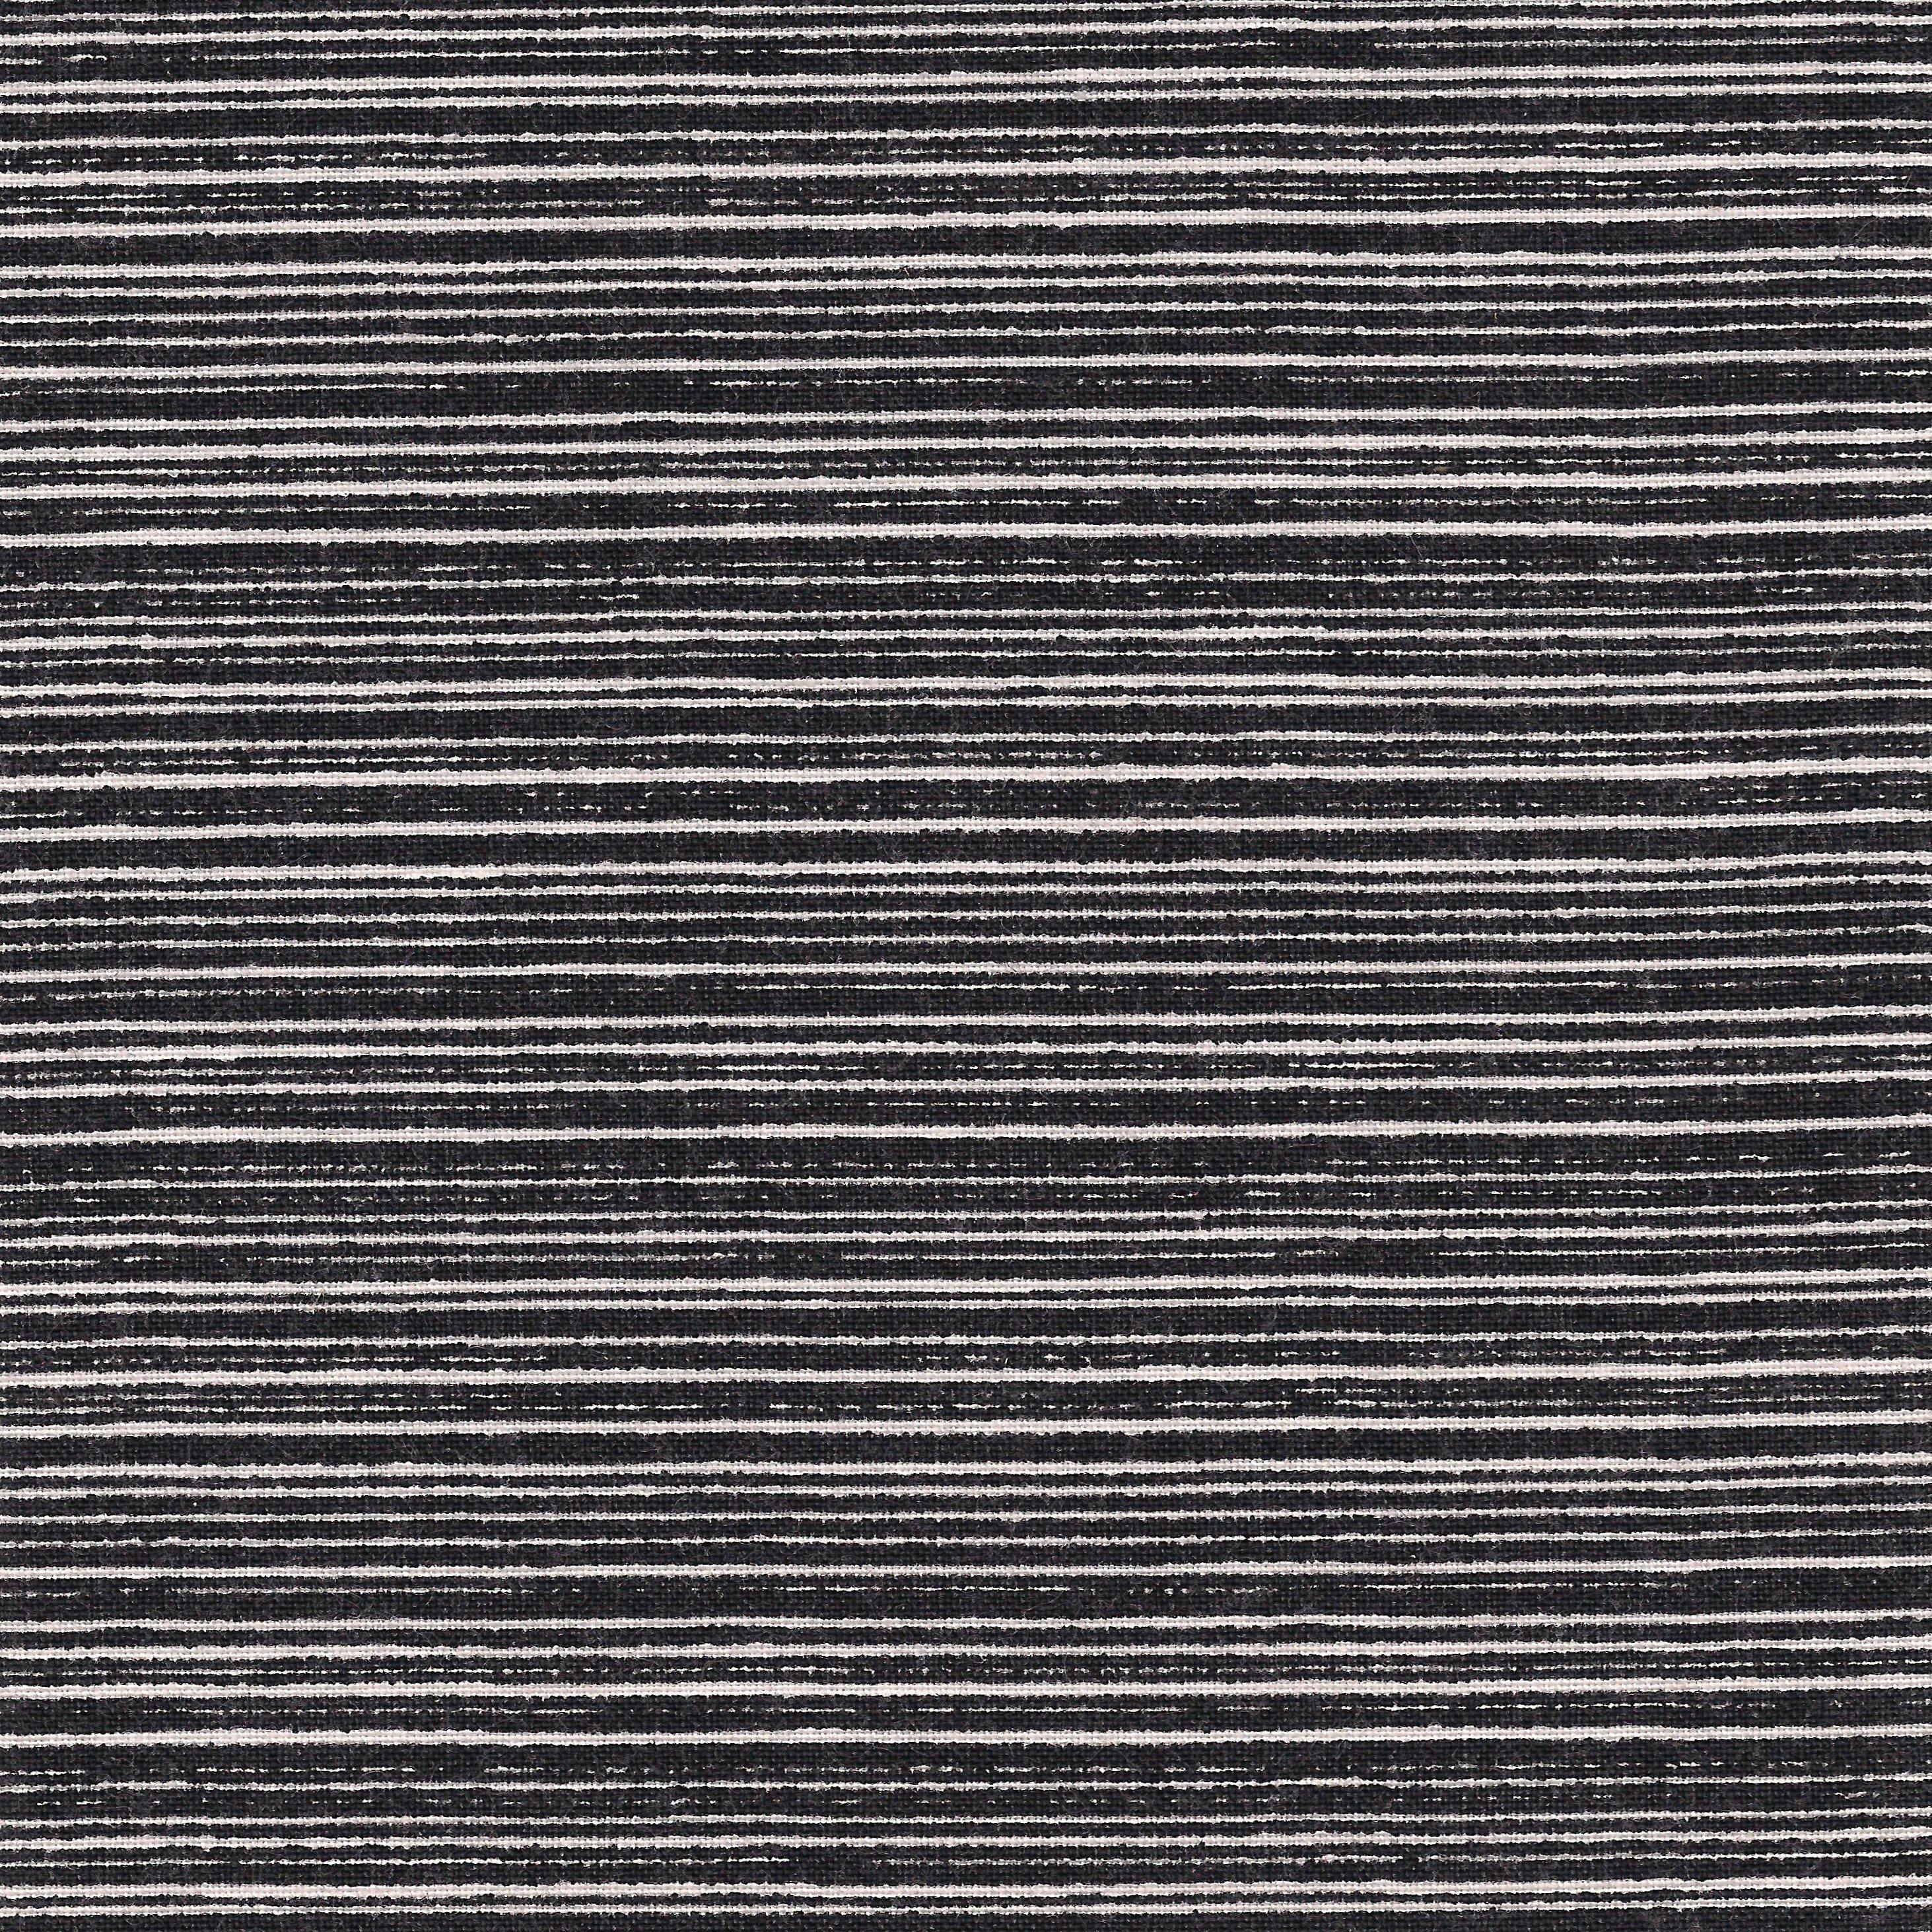 Man Wearing Black and White Stripe Shirt Looking   Pexels